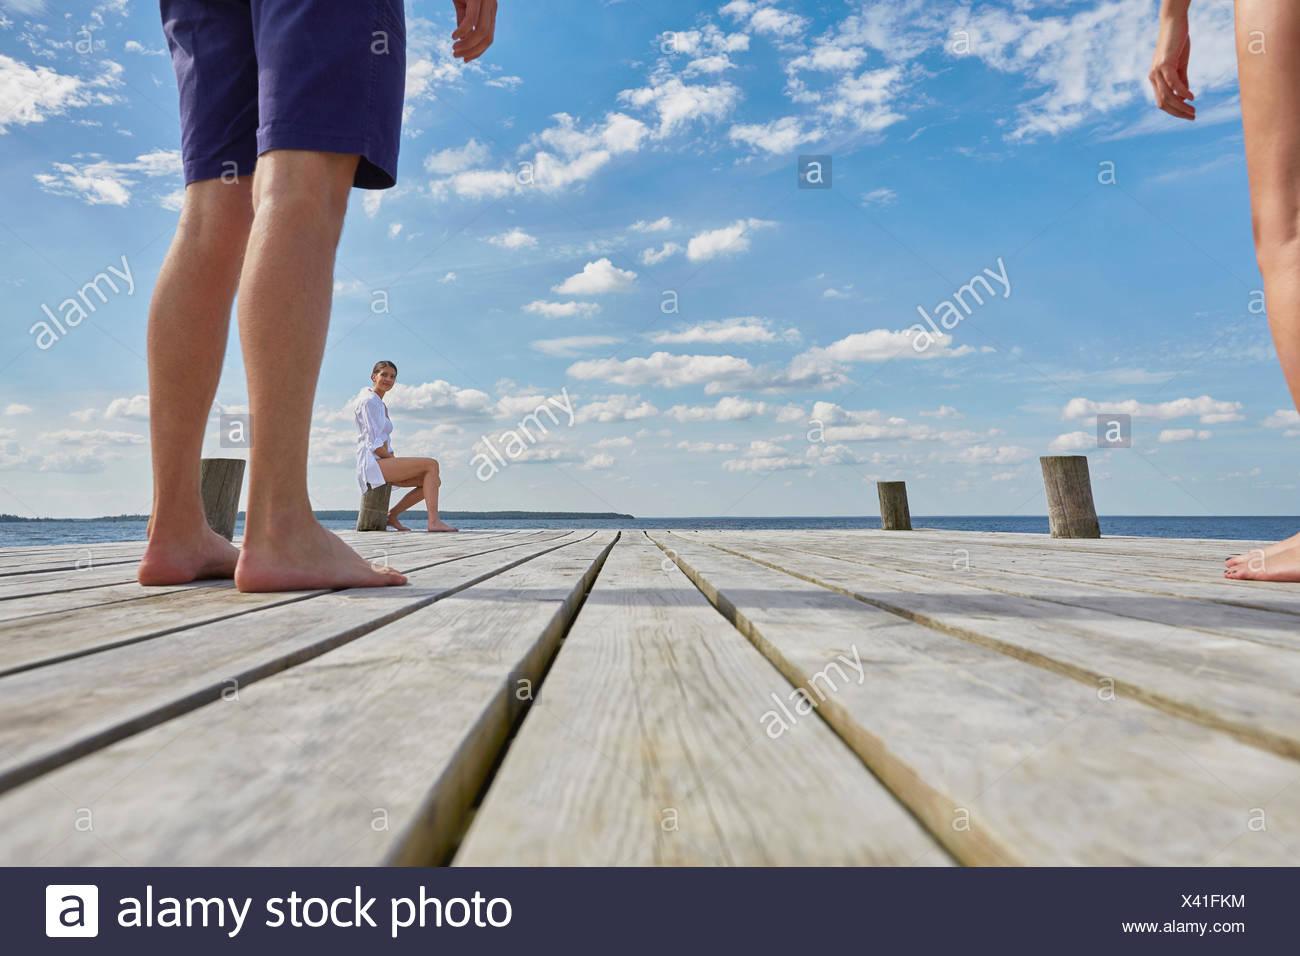 Junge Frau sitzt auf Post auf hölzernen Pier, Blick auf Freunde stehen weitere entfernt Stockbild